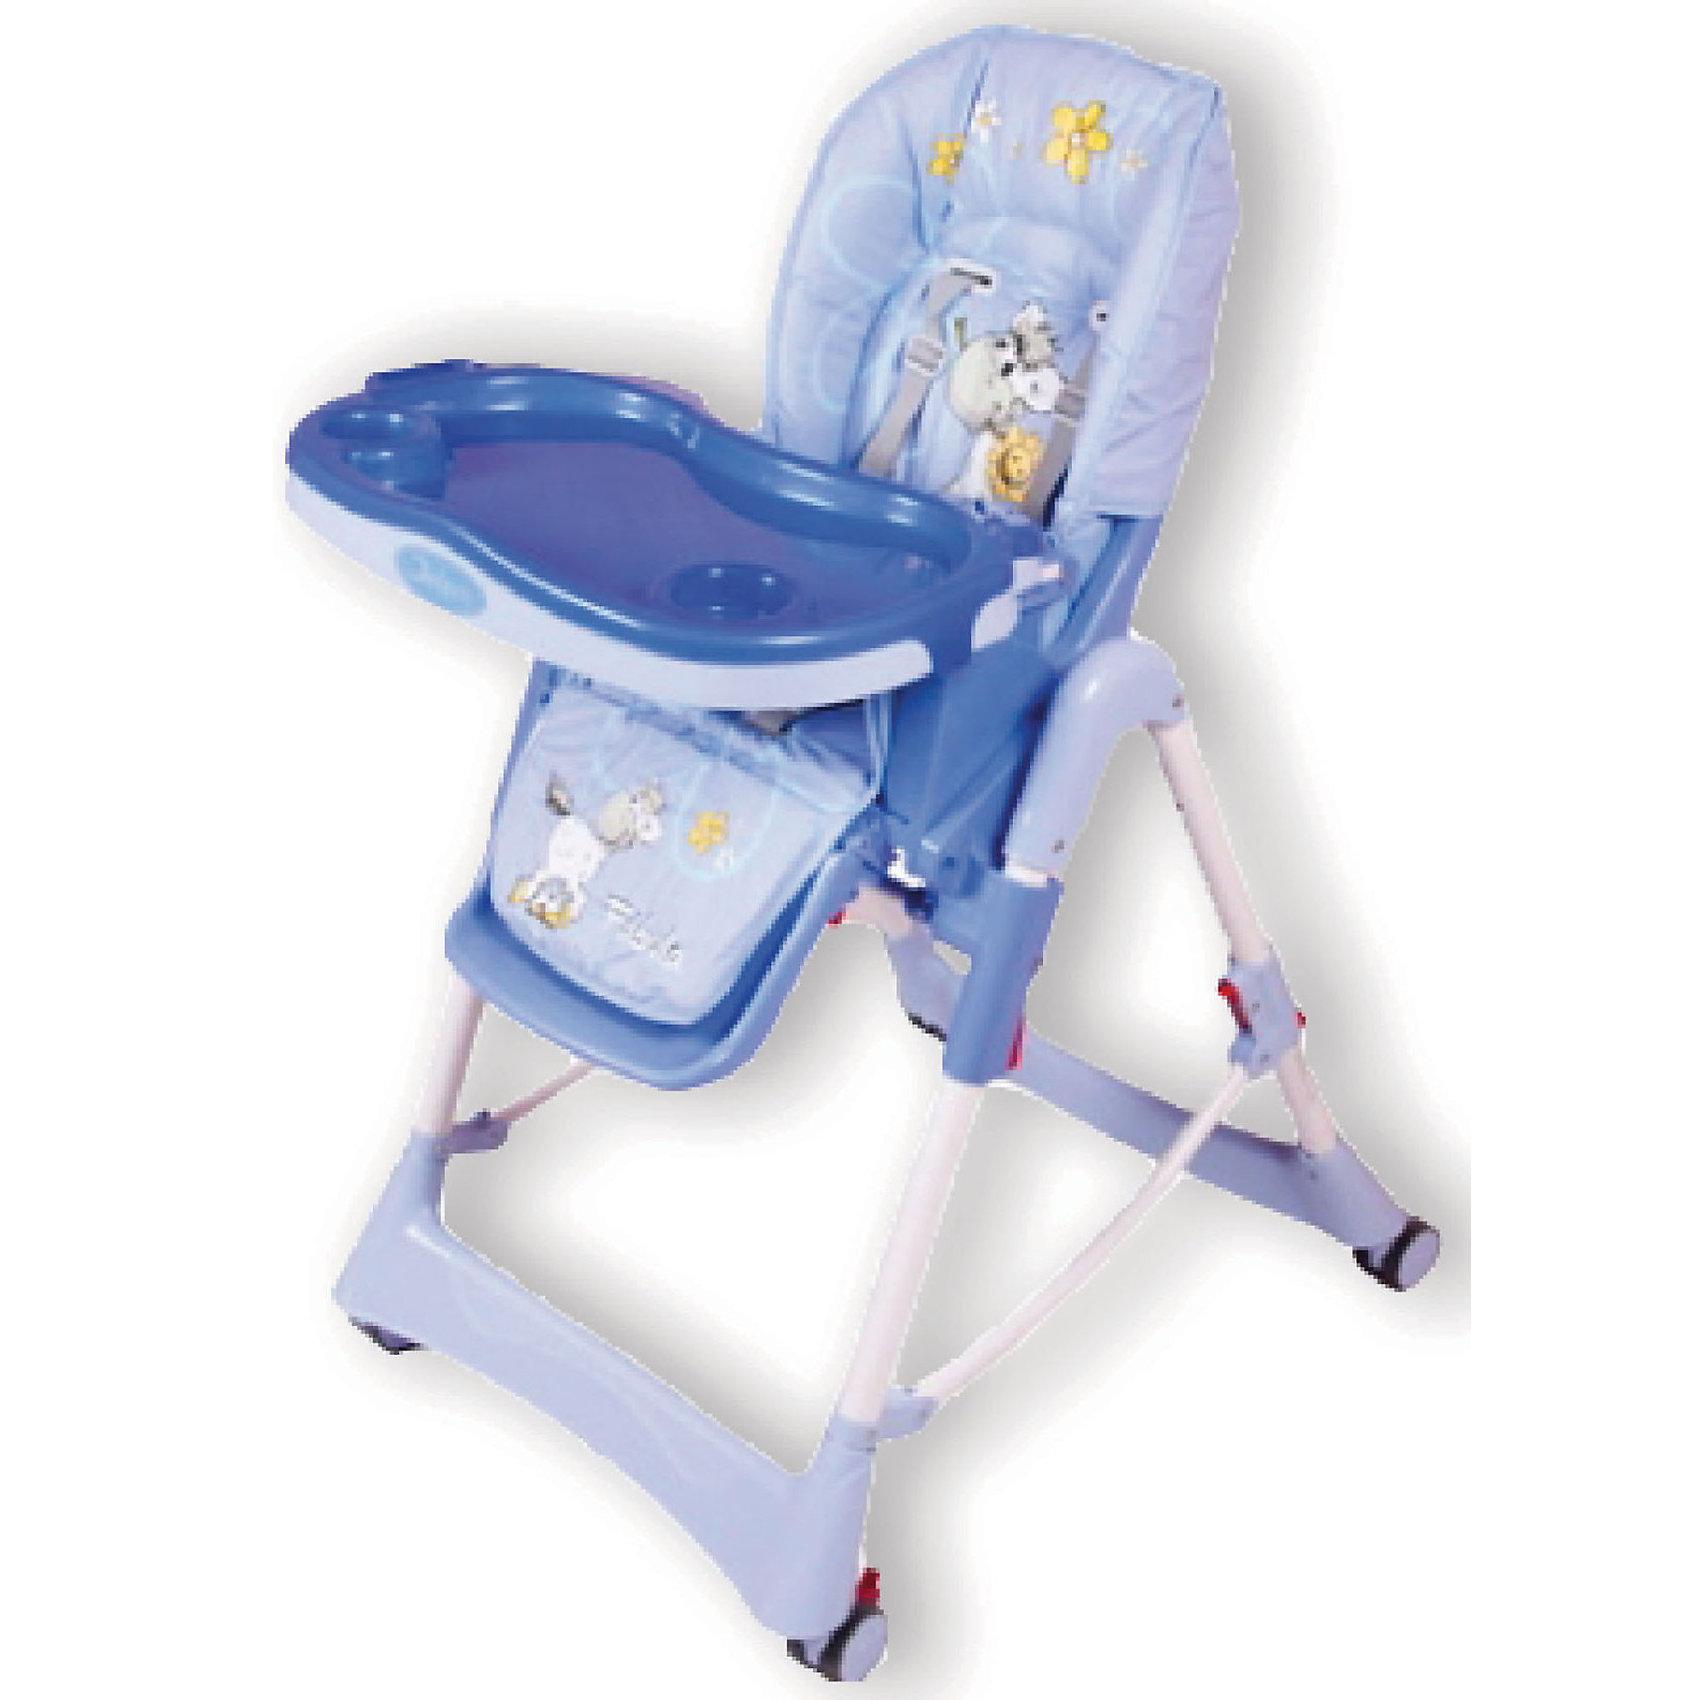 Стульчик для кормления Piero Fabula Horse, Jetem, голубой